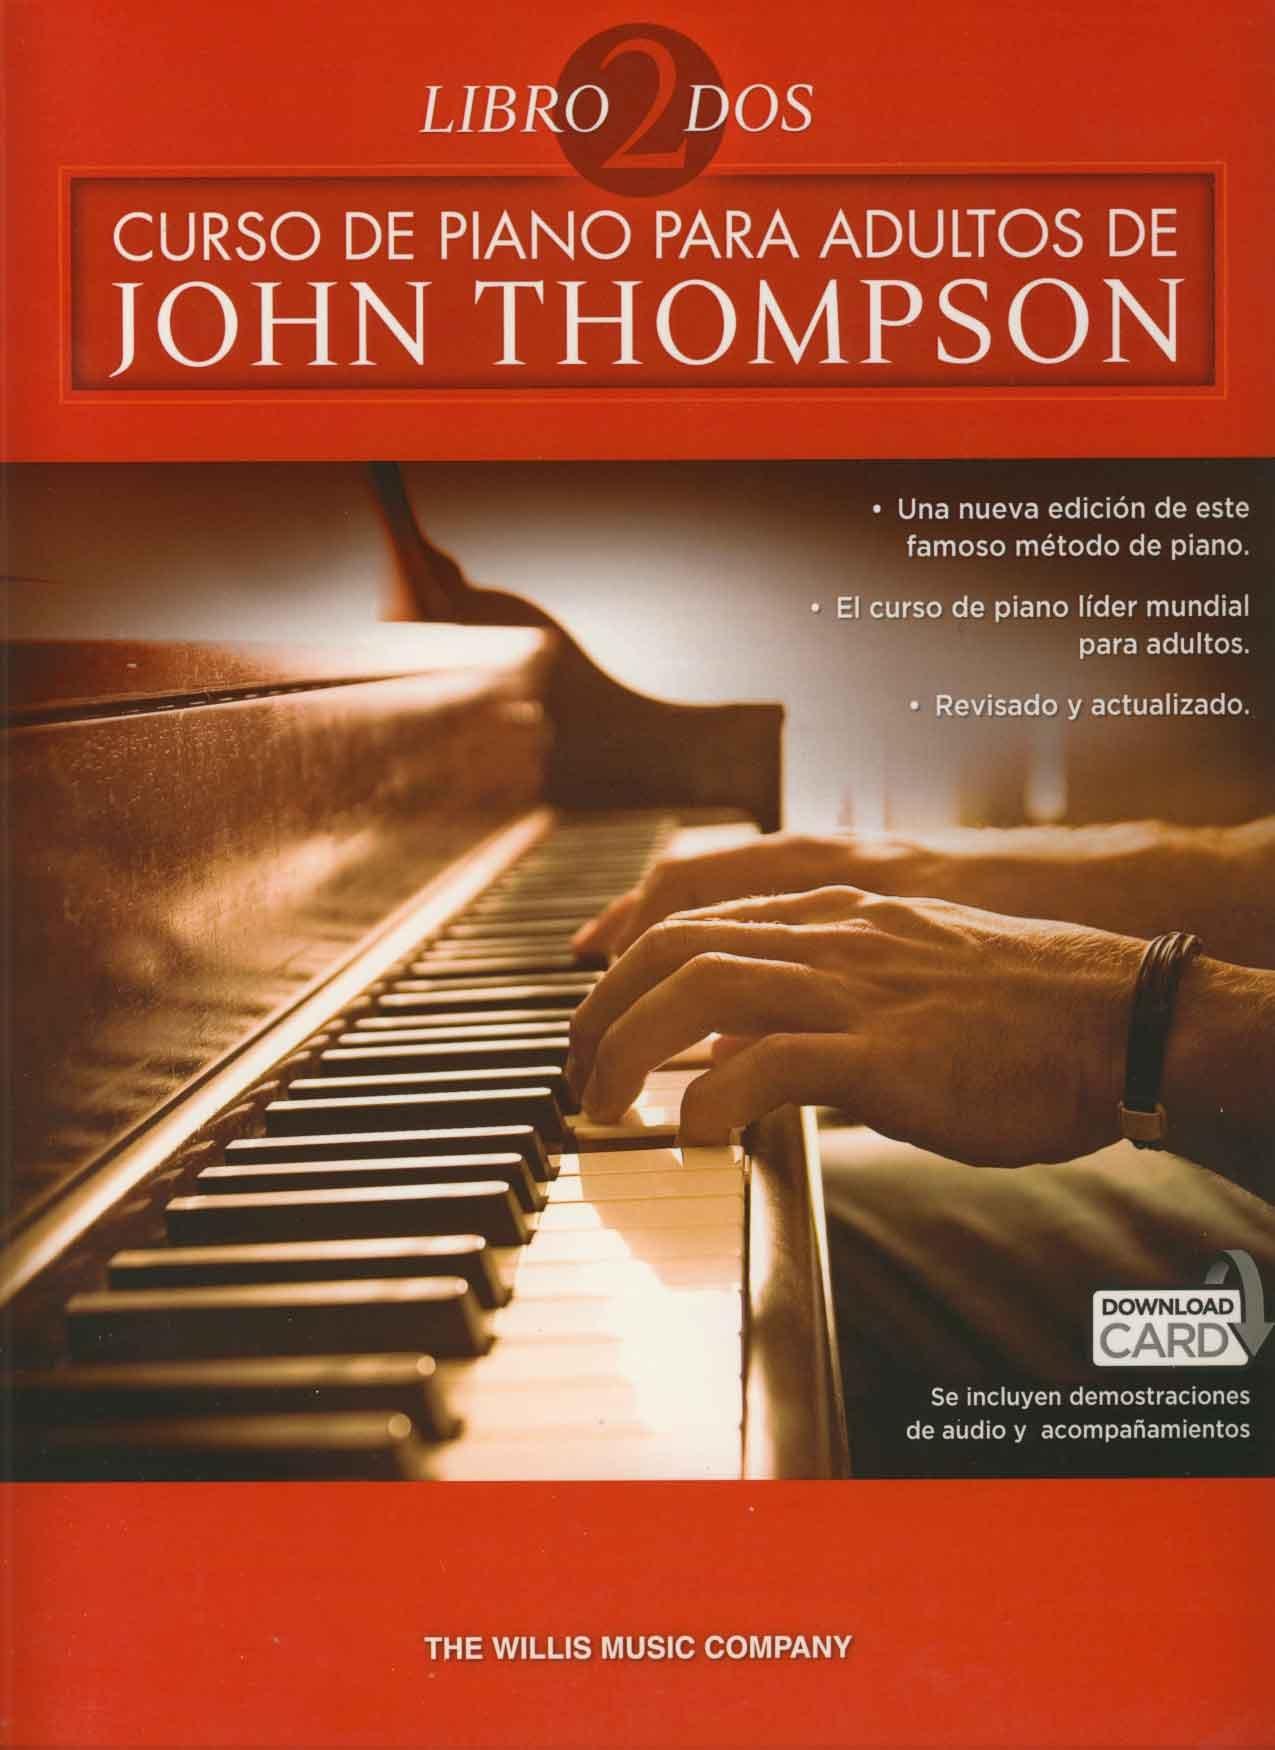 Curso De Piano Para Adultos Volumen 2: Amazon.es: THOMPSON ...